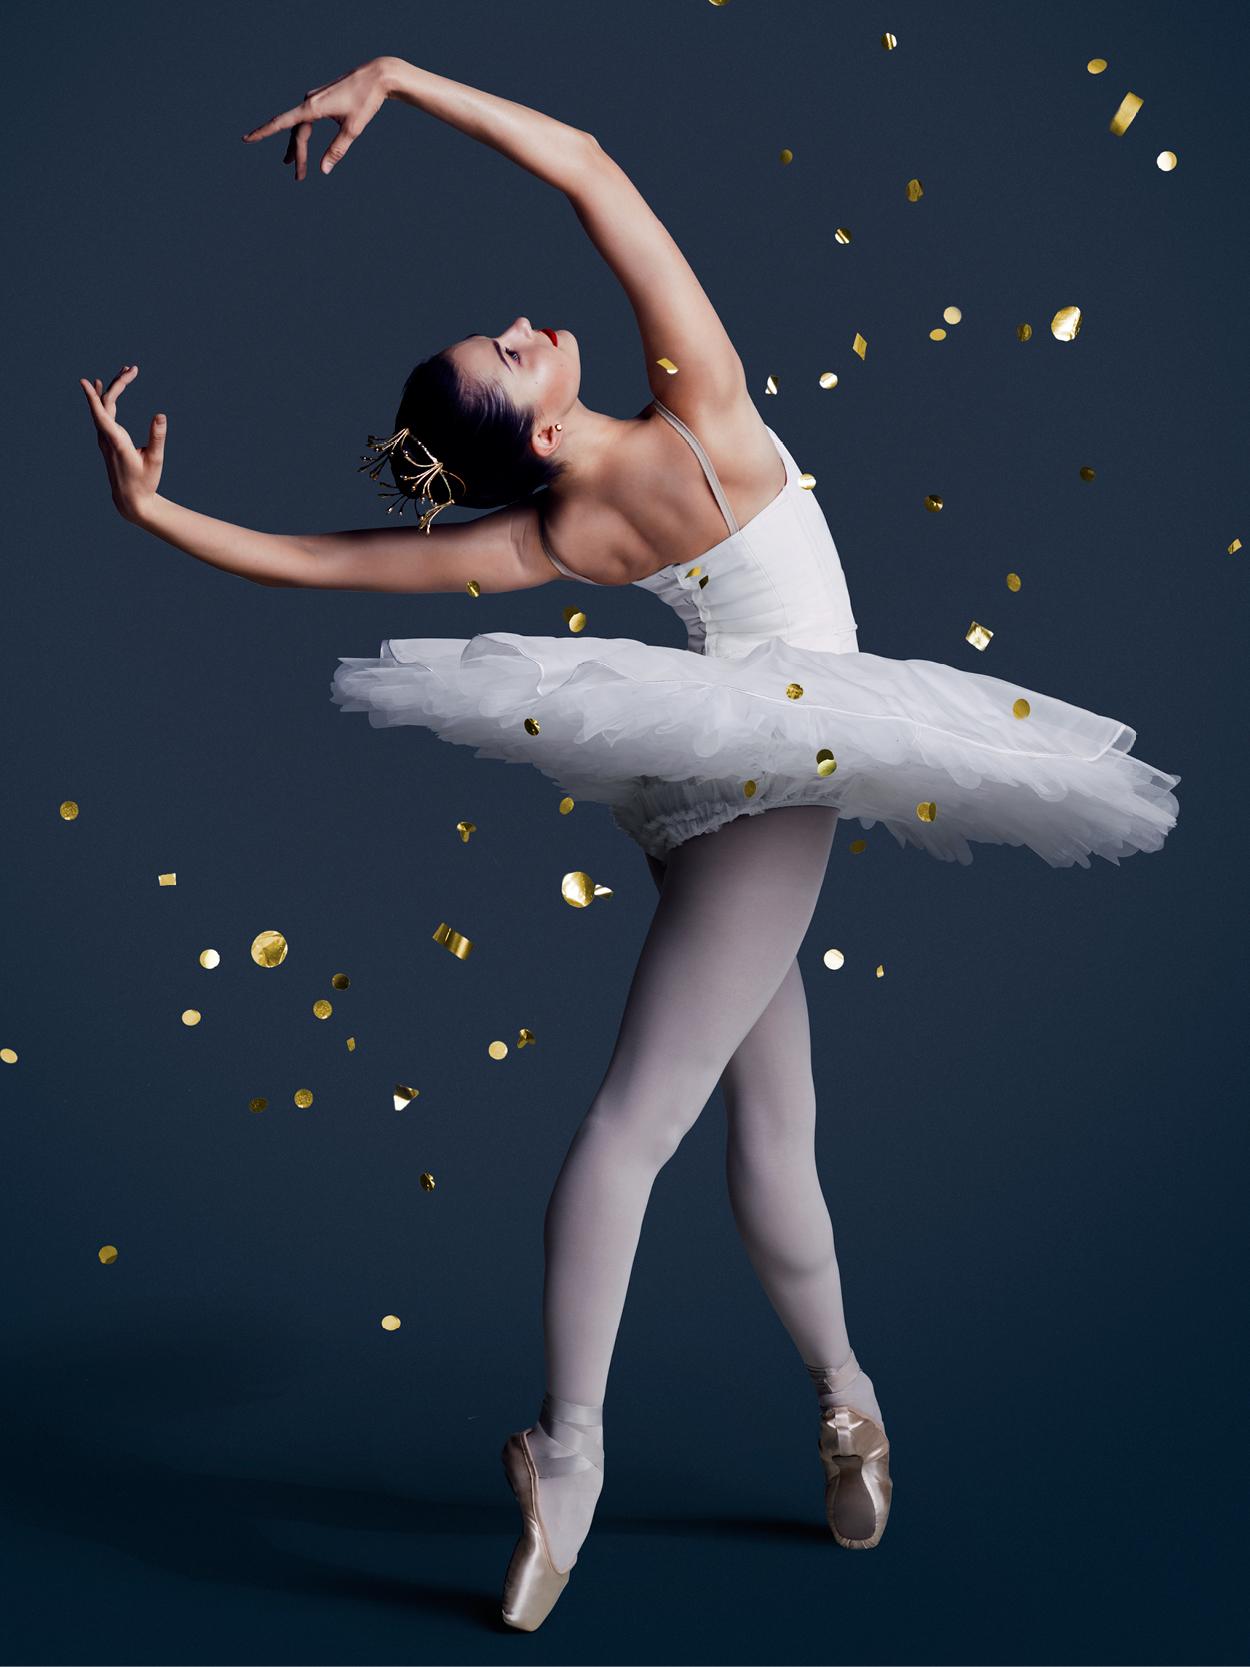 McDonalds Ballet Scholarship finalists 2015 - Valerie